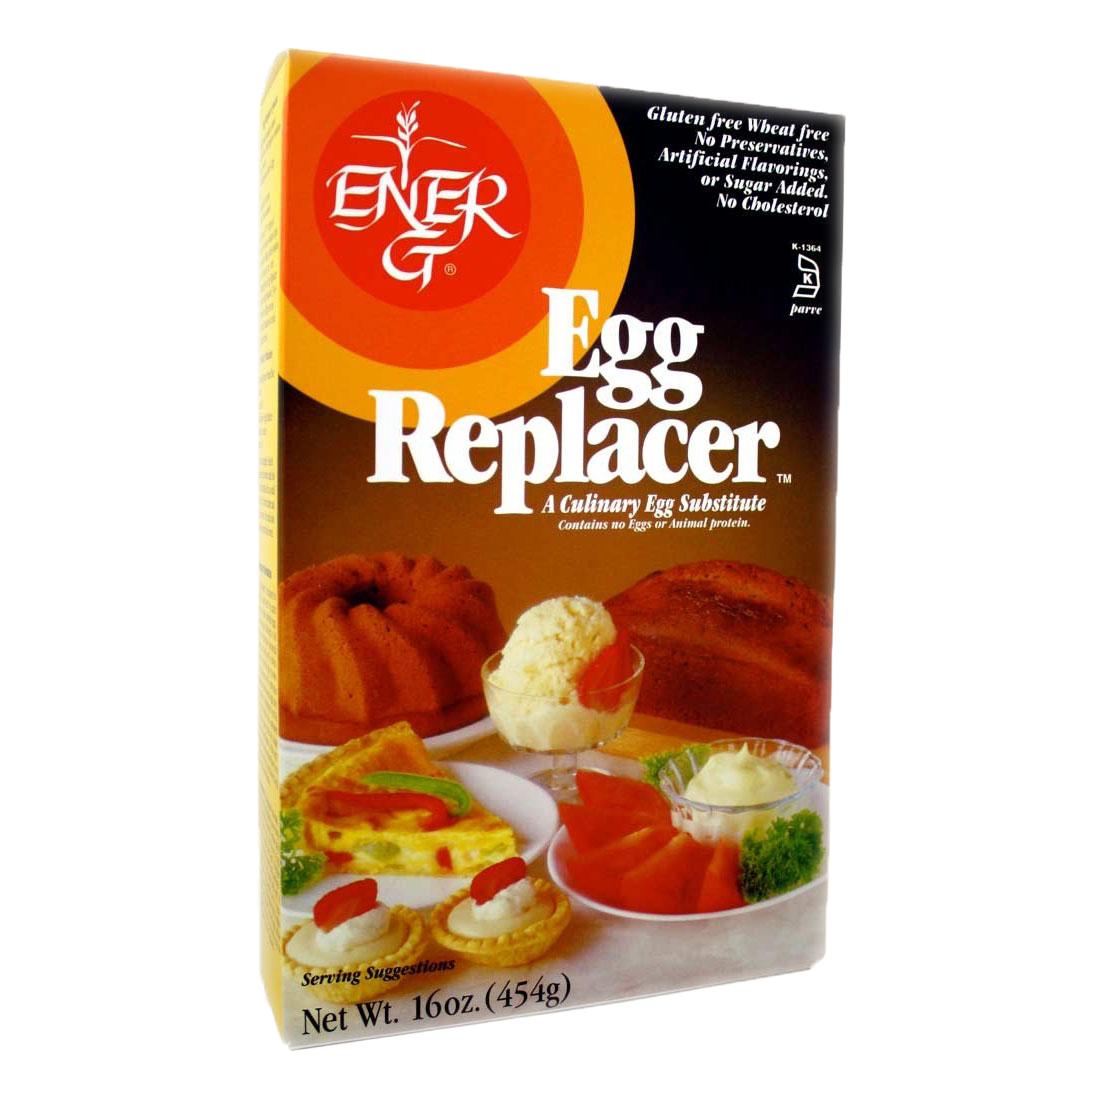 Ener-g_egg_replacer.jpg